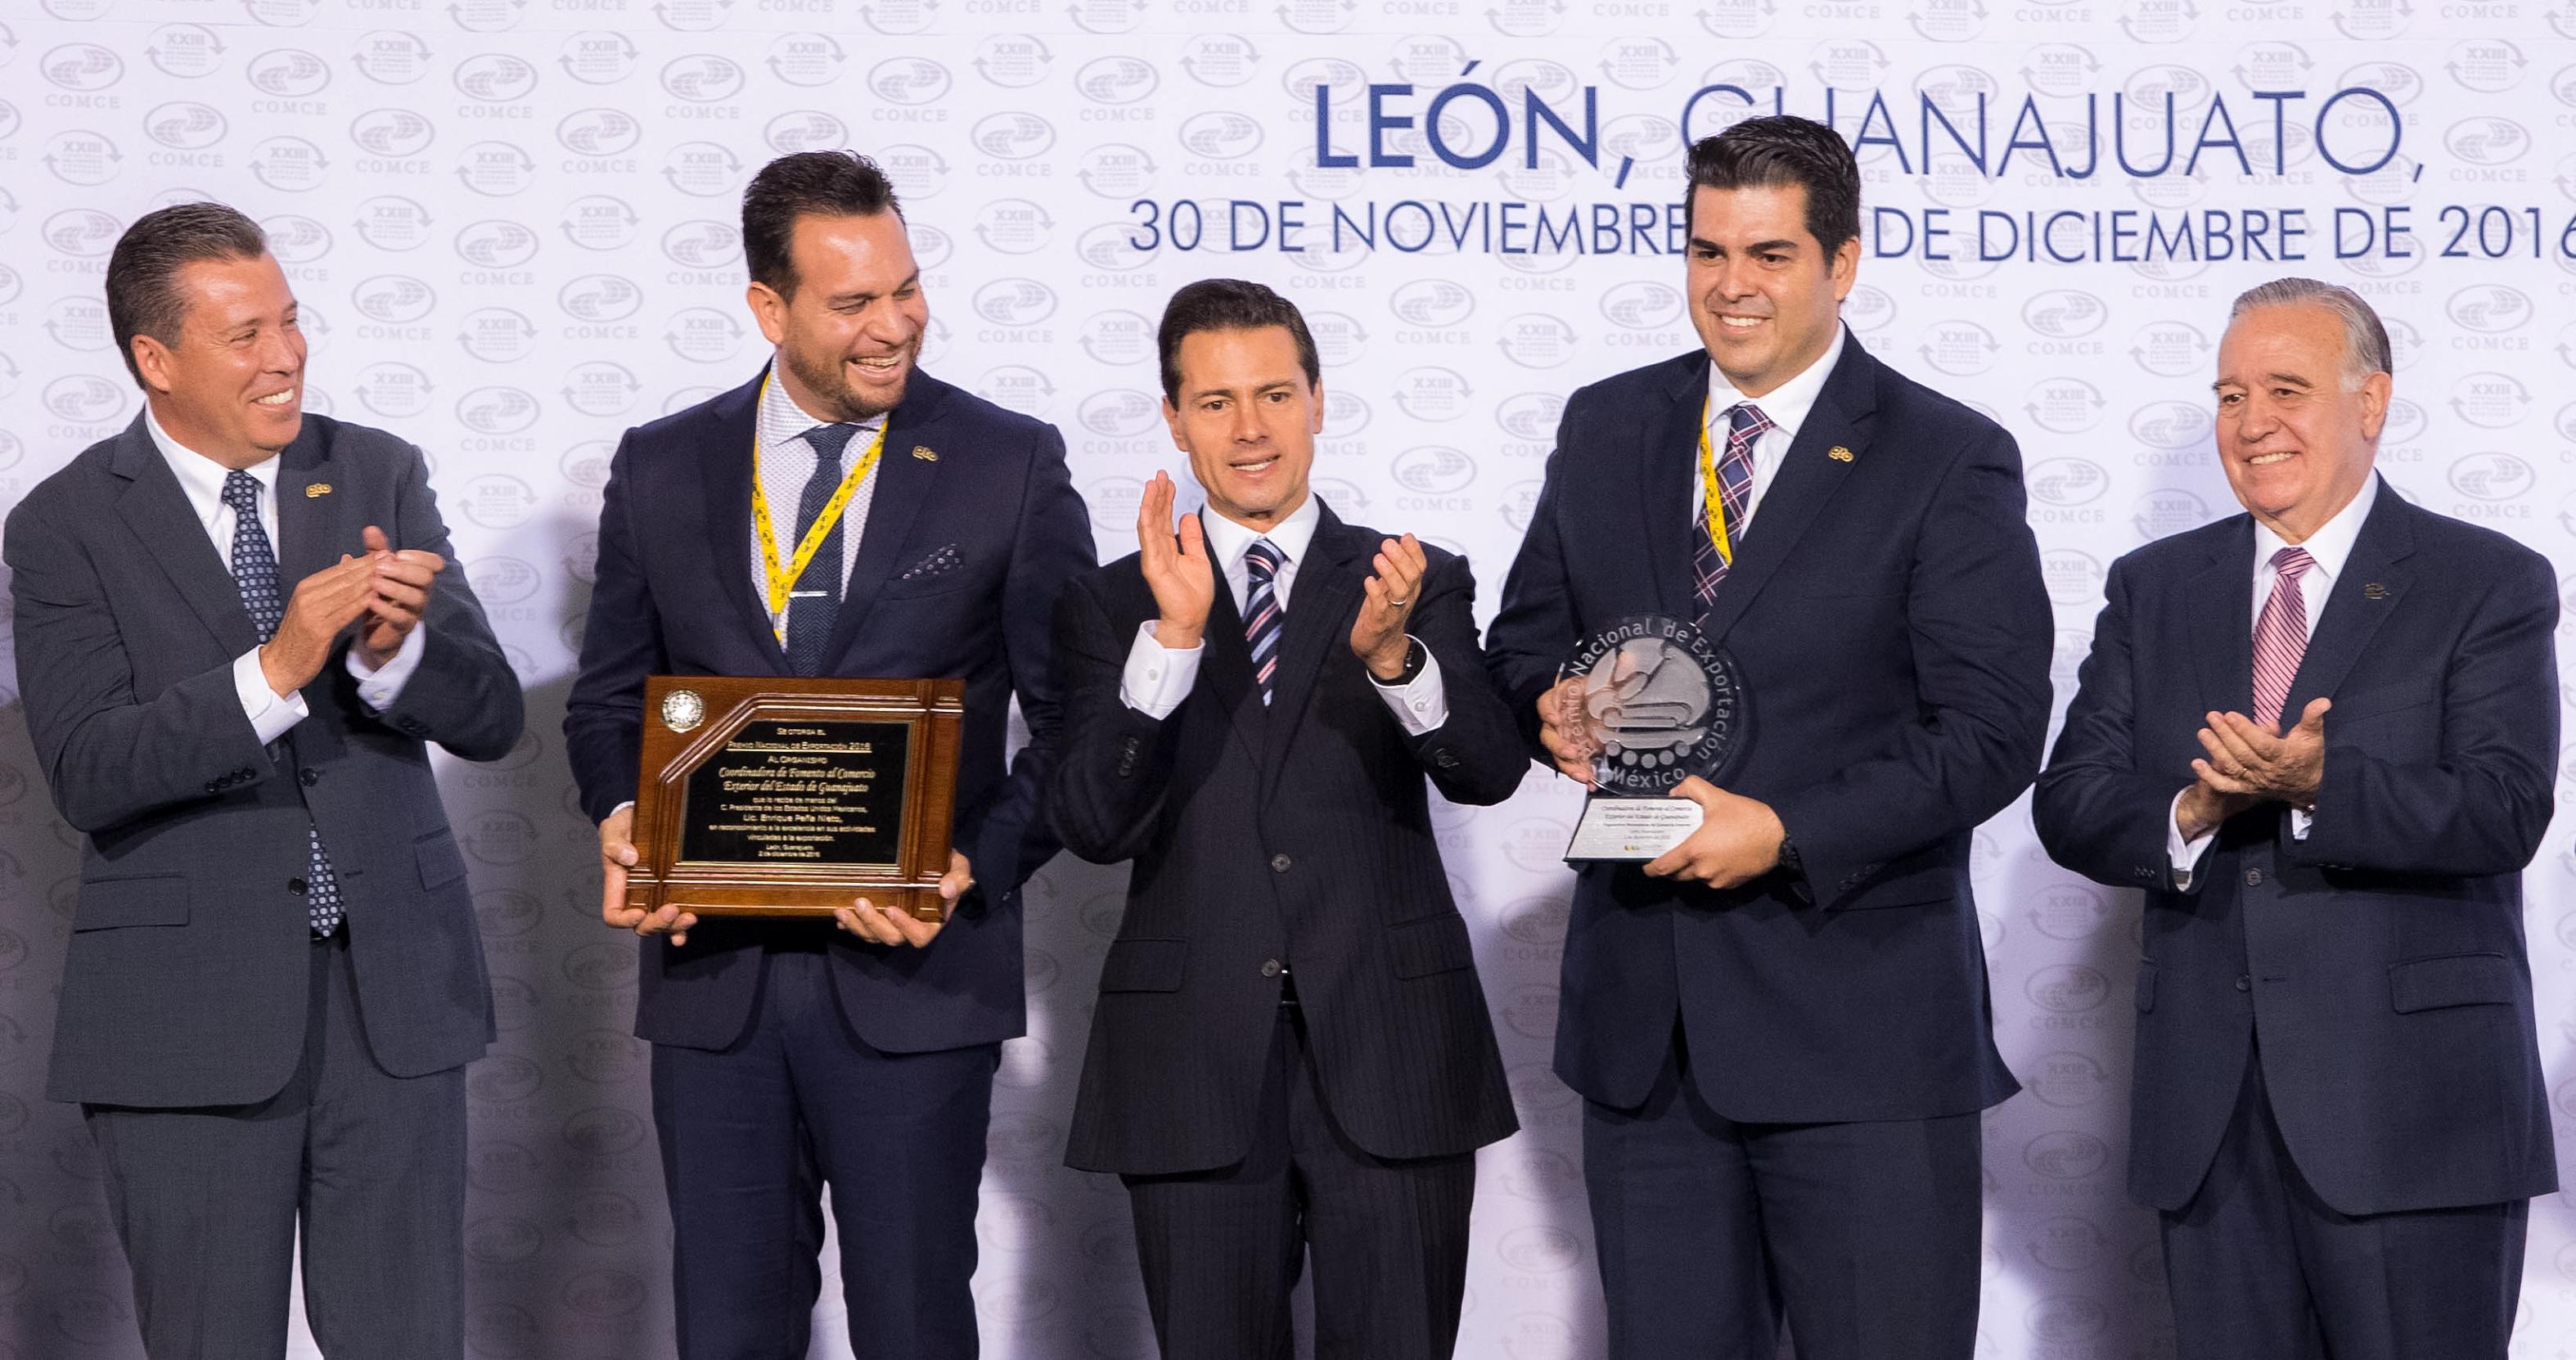 El Presidente de la República entregó el Premio Nacional de Exportación en 12 categorías, a empresas e instituciones destacadas por sus actividades de comercio exterior.